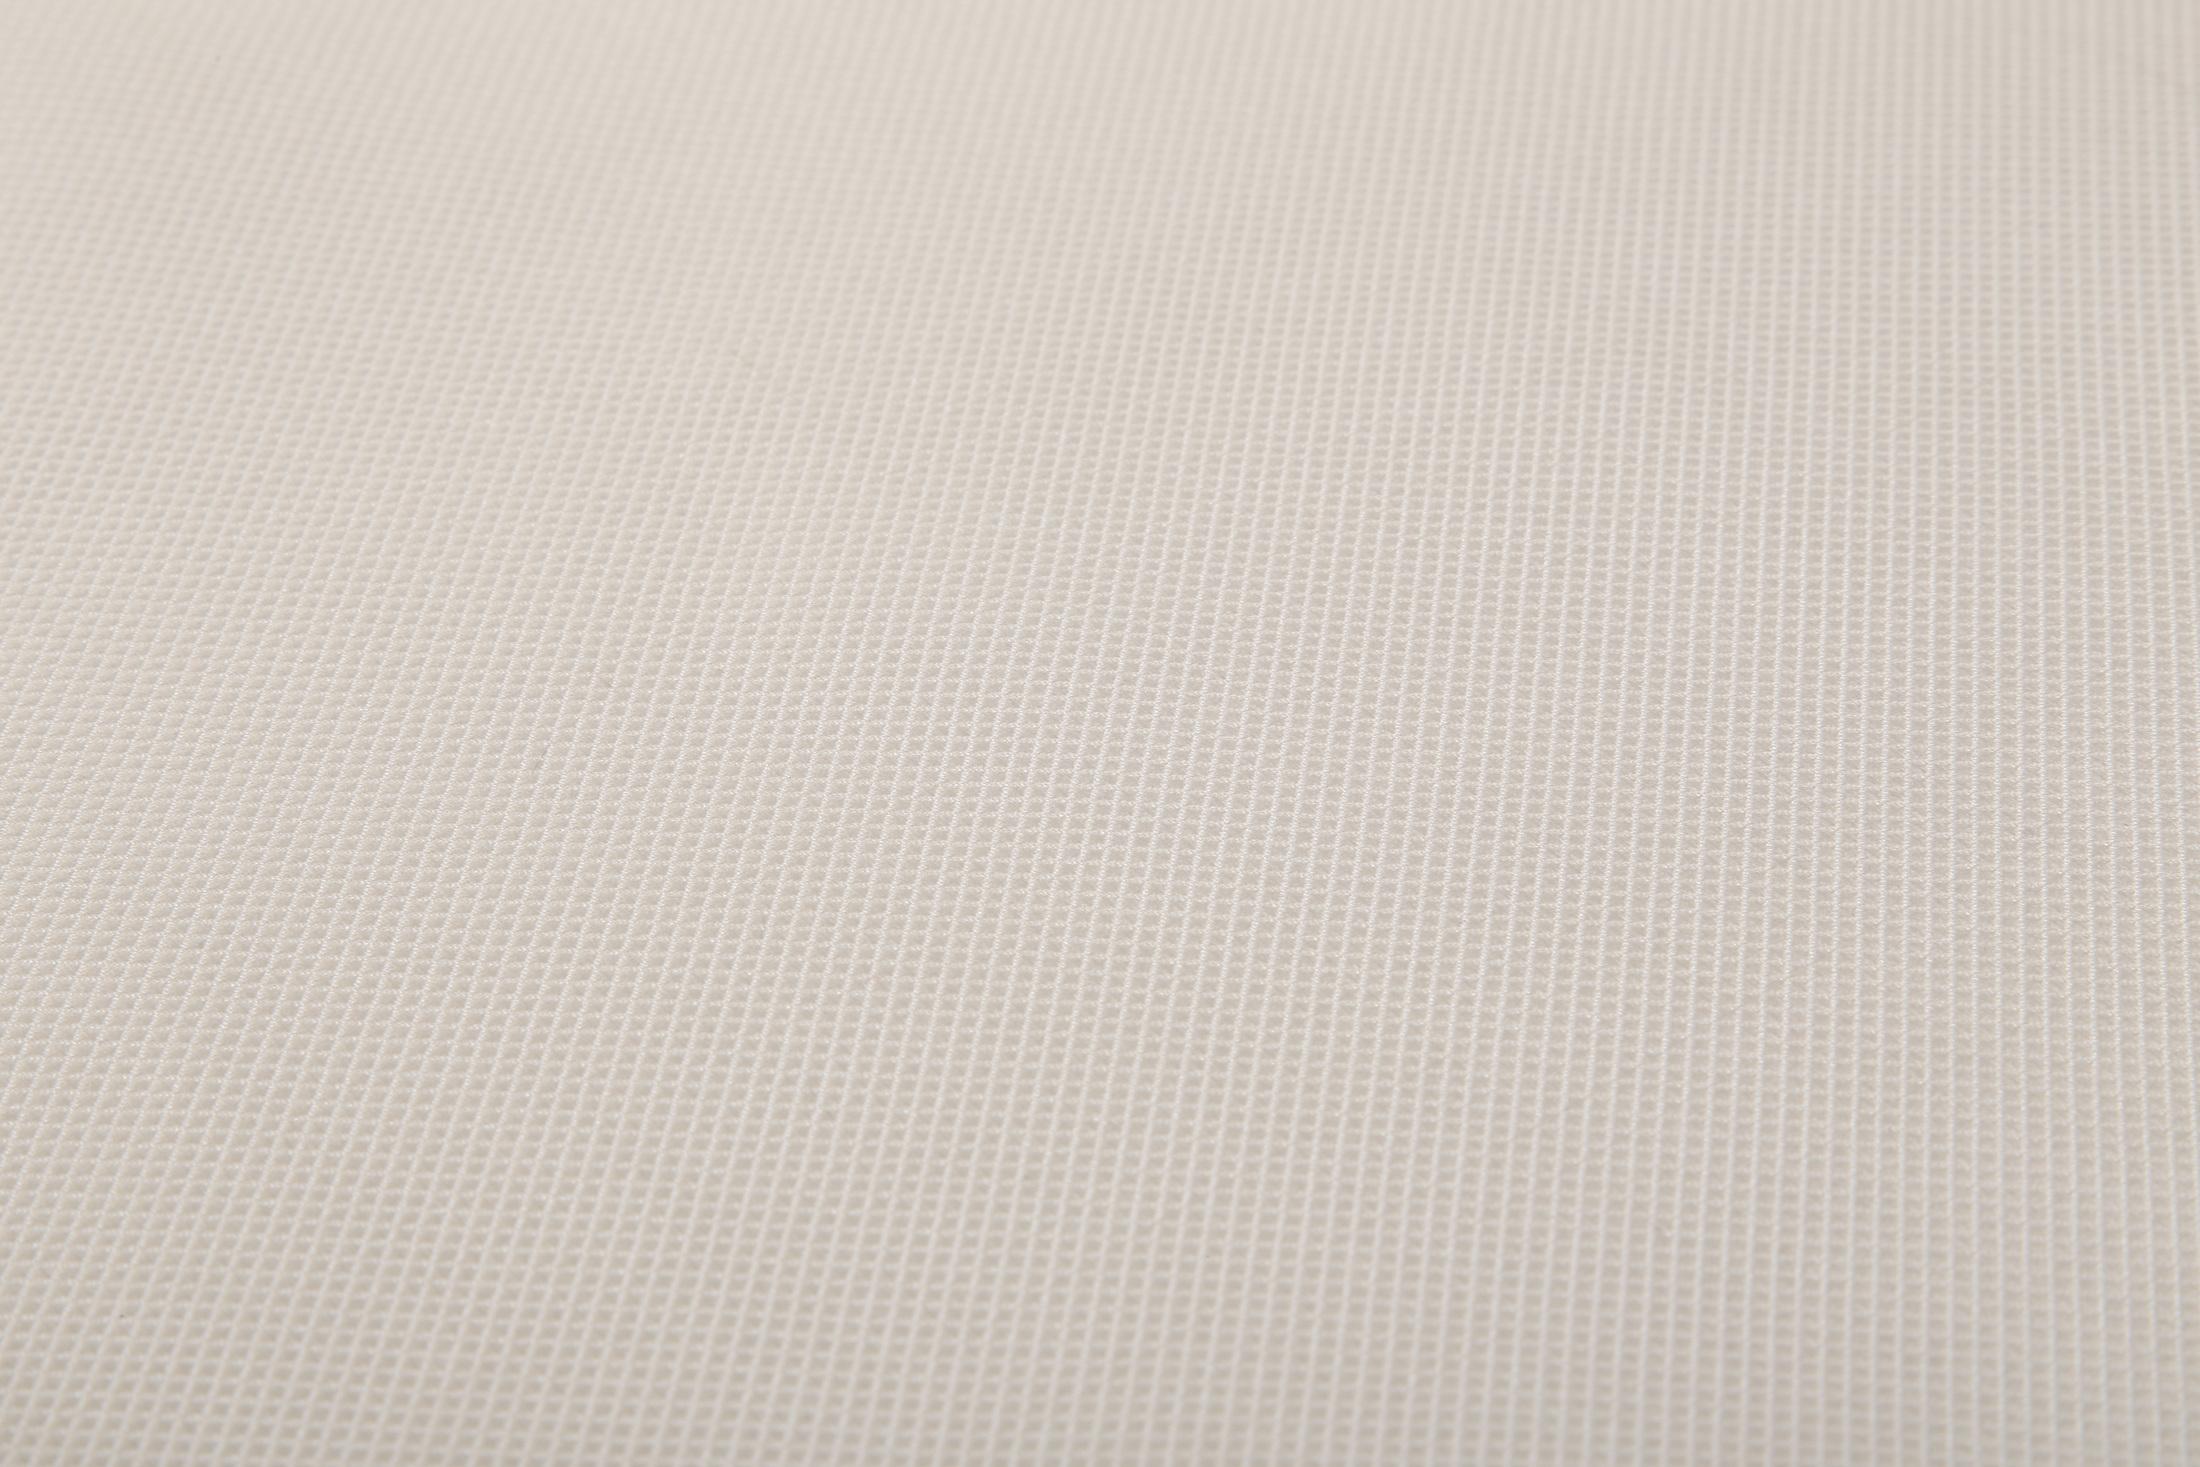 Hochzeit Krawatte + Einstecktuch Carre gebrochenes-Weiß foto 4